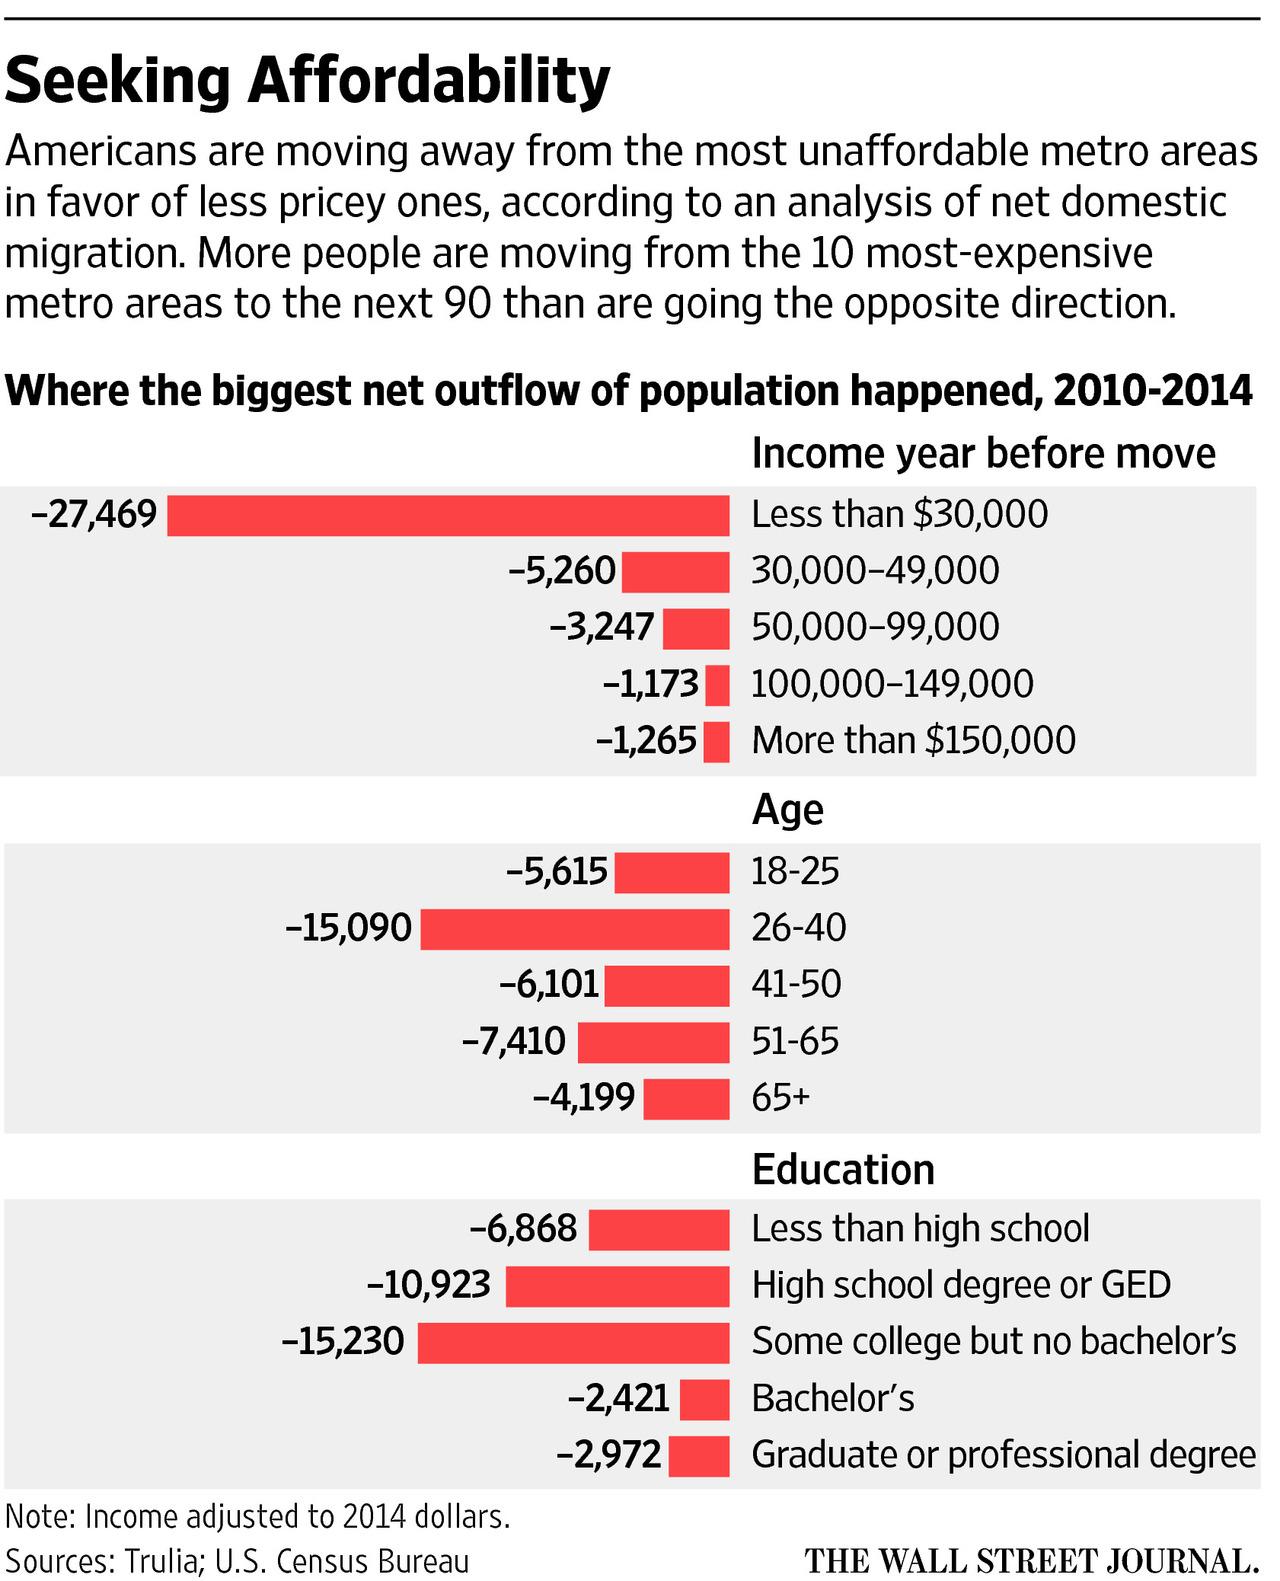 wsjaffordabilitymigrationreasons